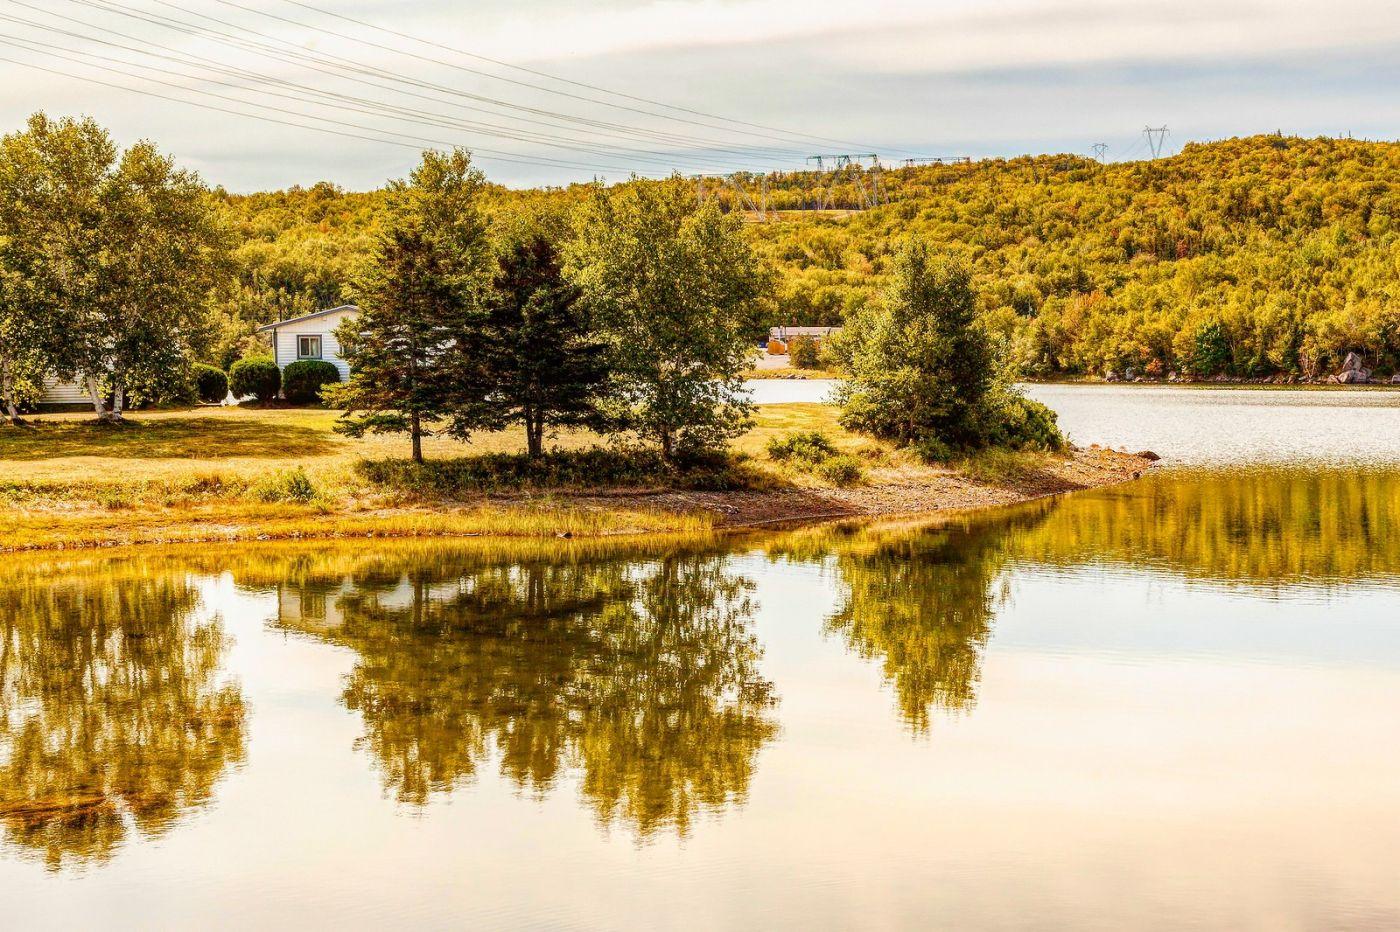 加拿大路途,水边抓拍_图1-37